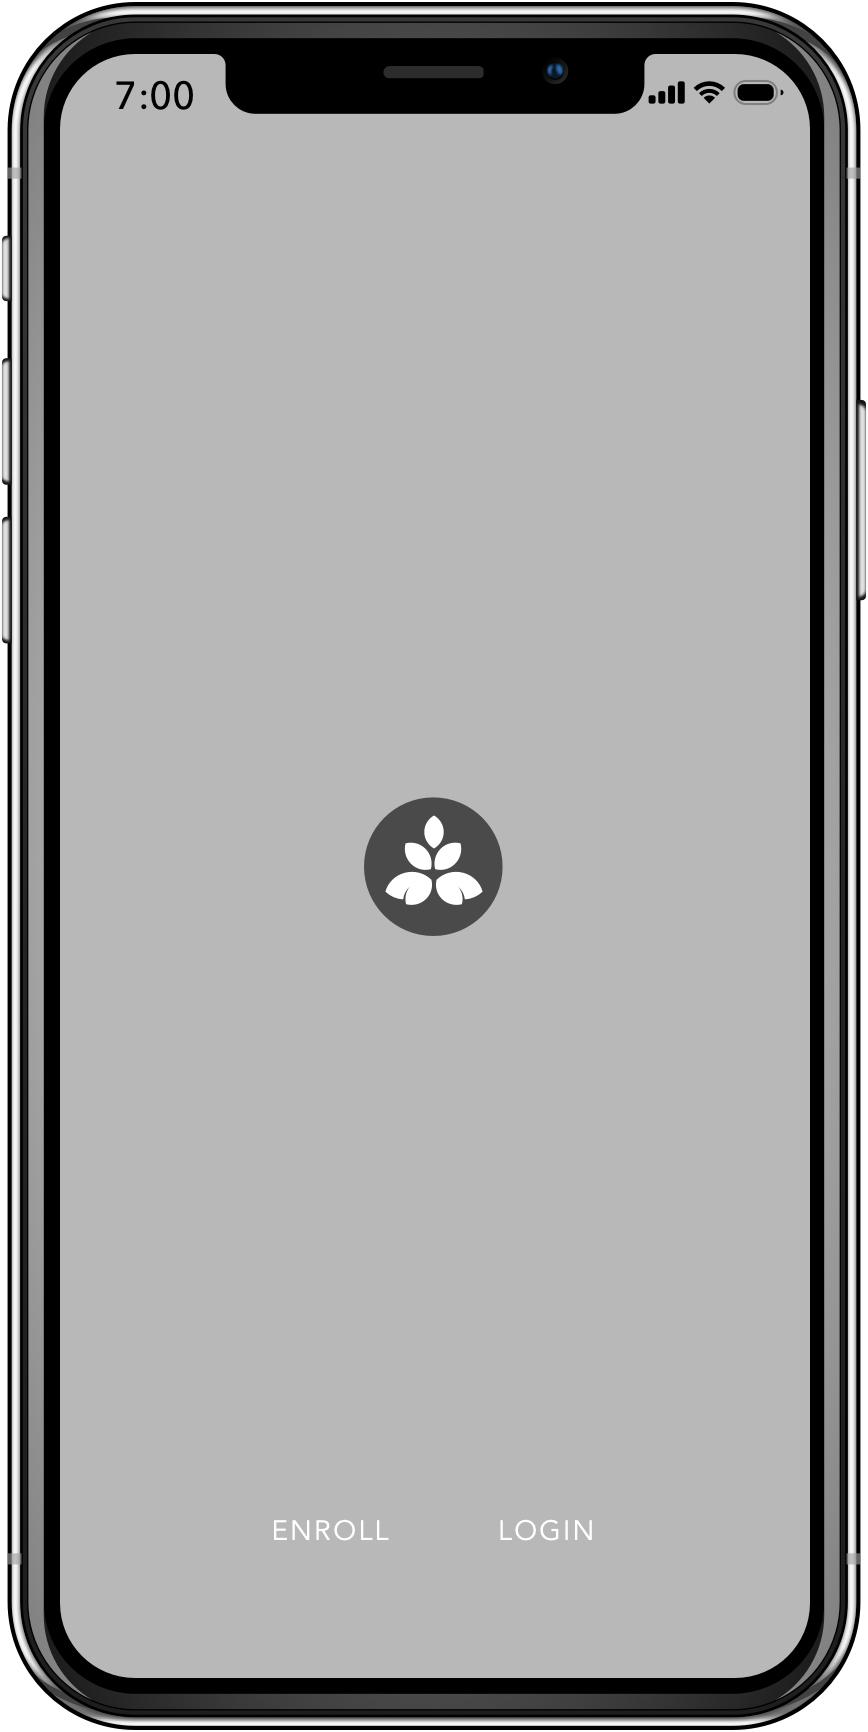 SS_Mobile_01.jpg